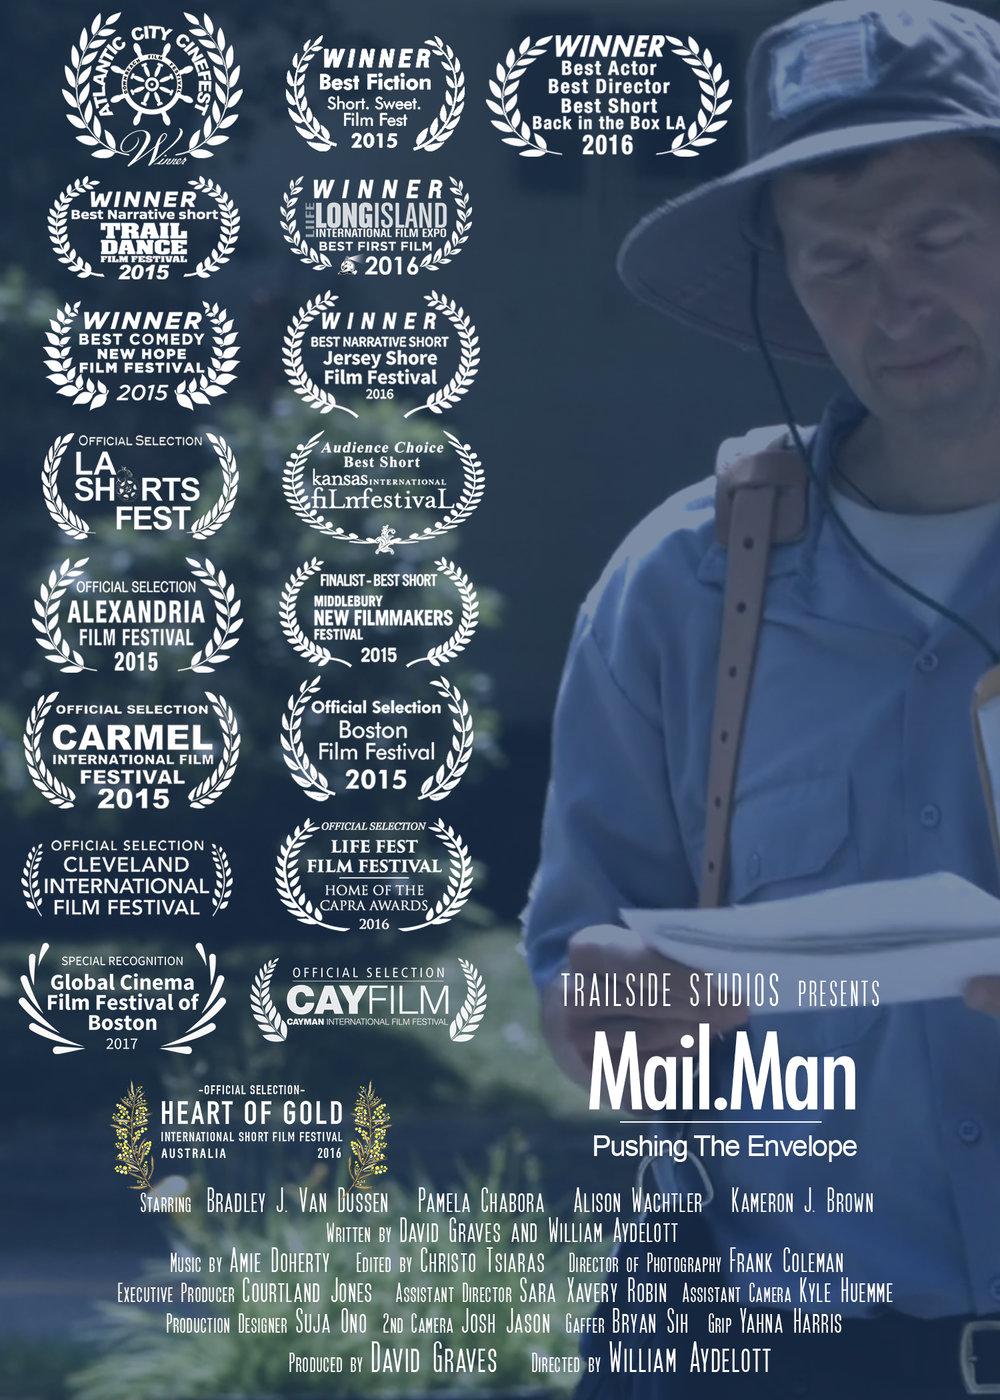 Mailman-5x7-FRONT.jpg